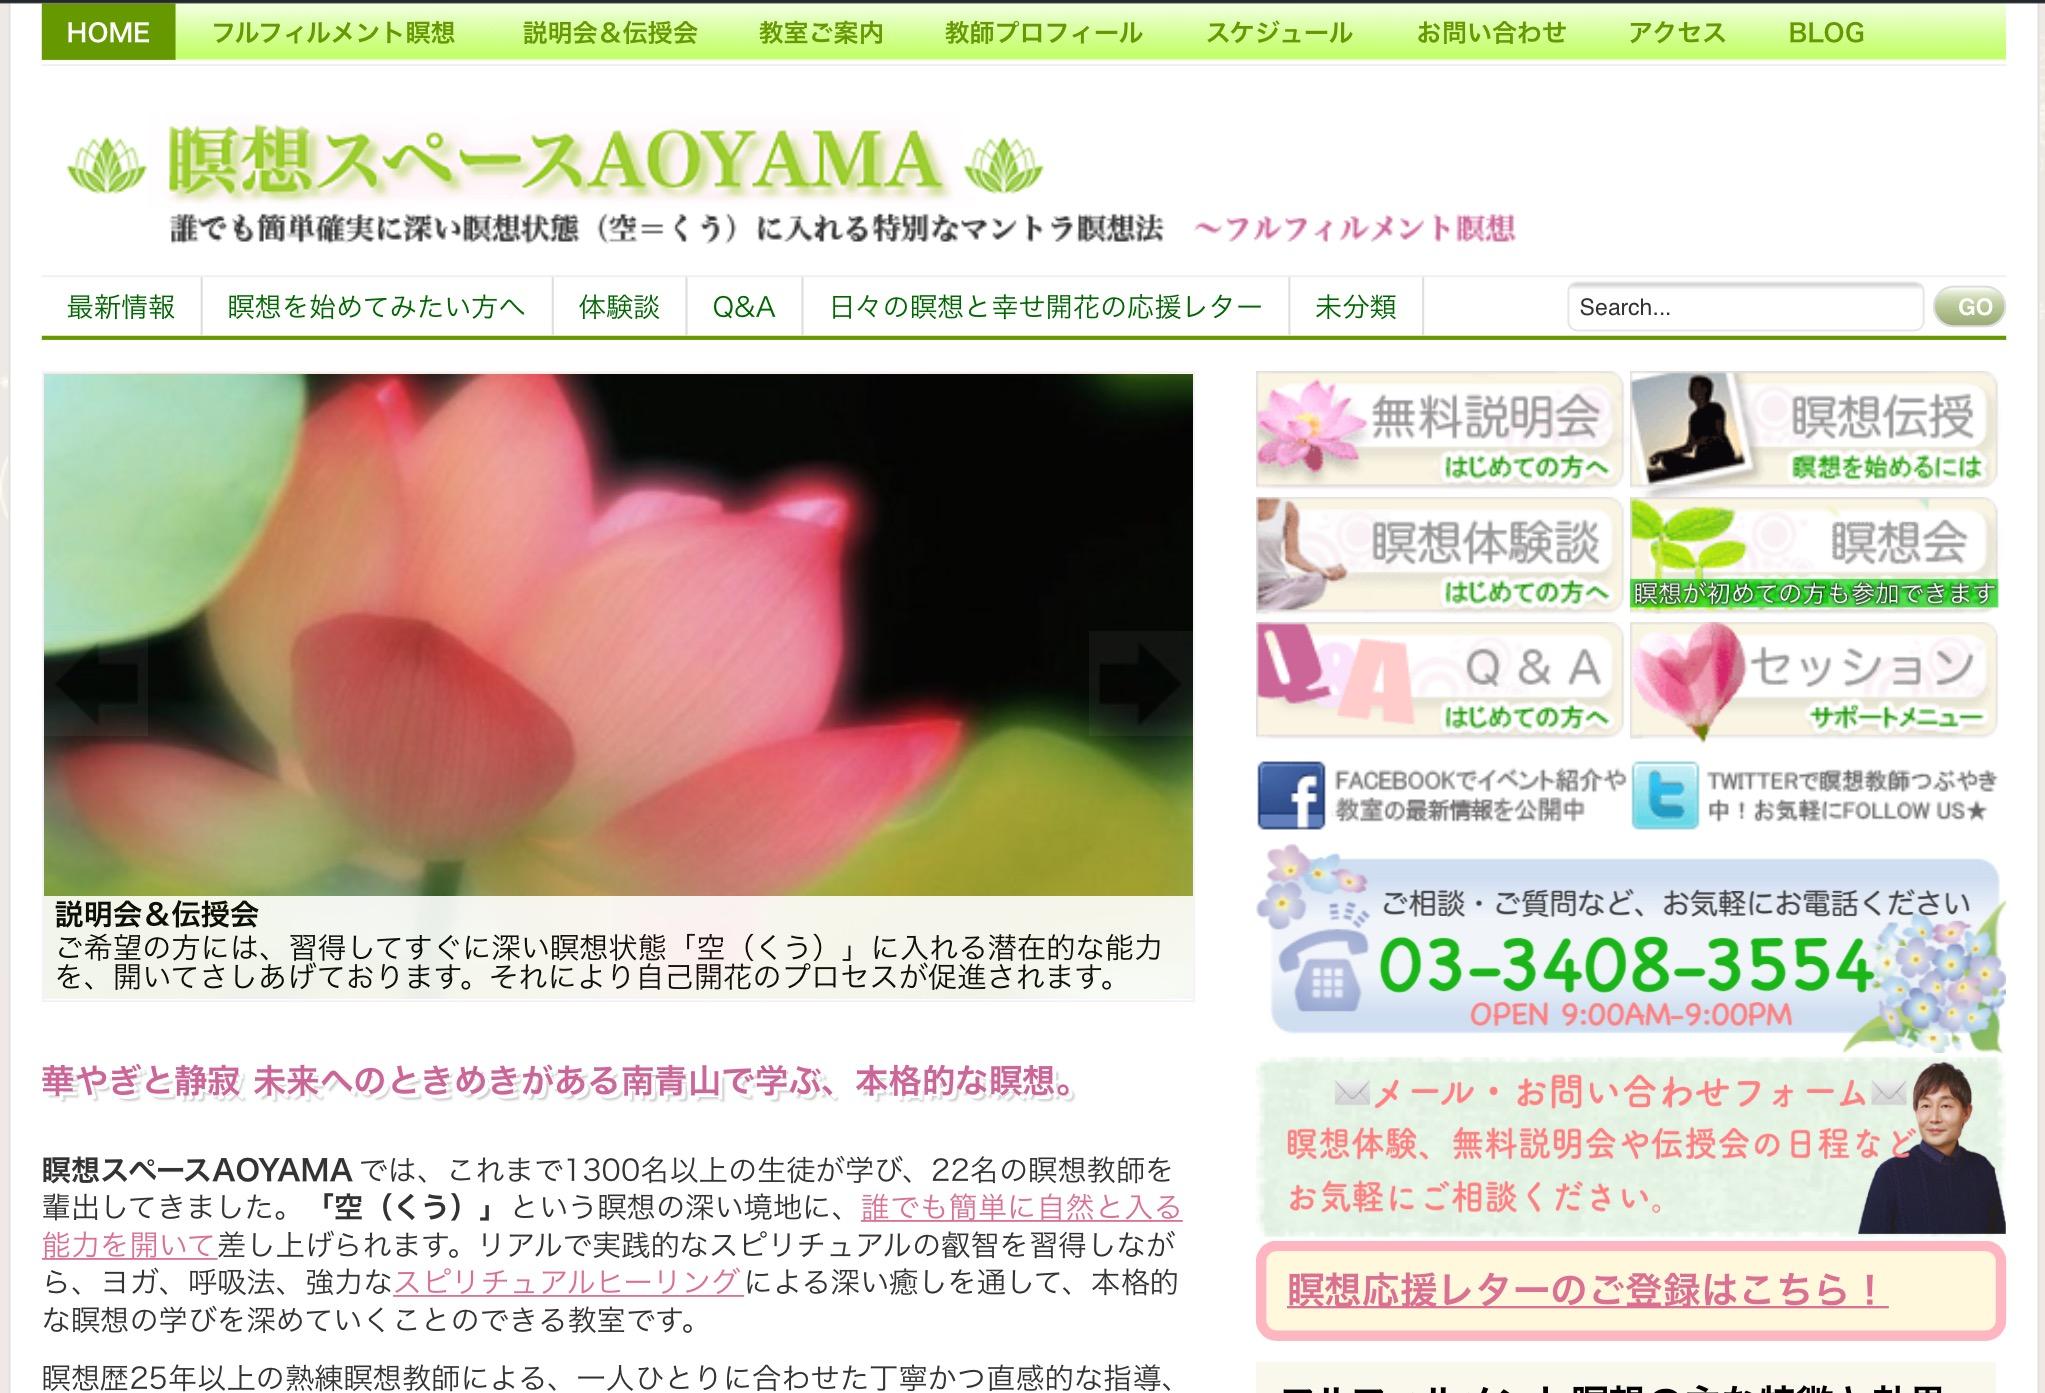 ホームページから、瞑想応援レターに登録できるようになりました☆